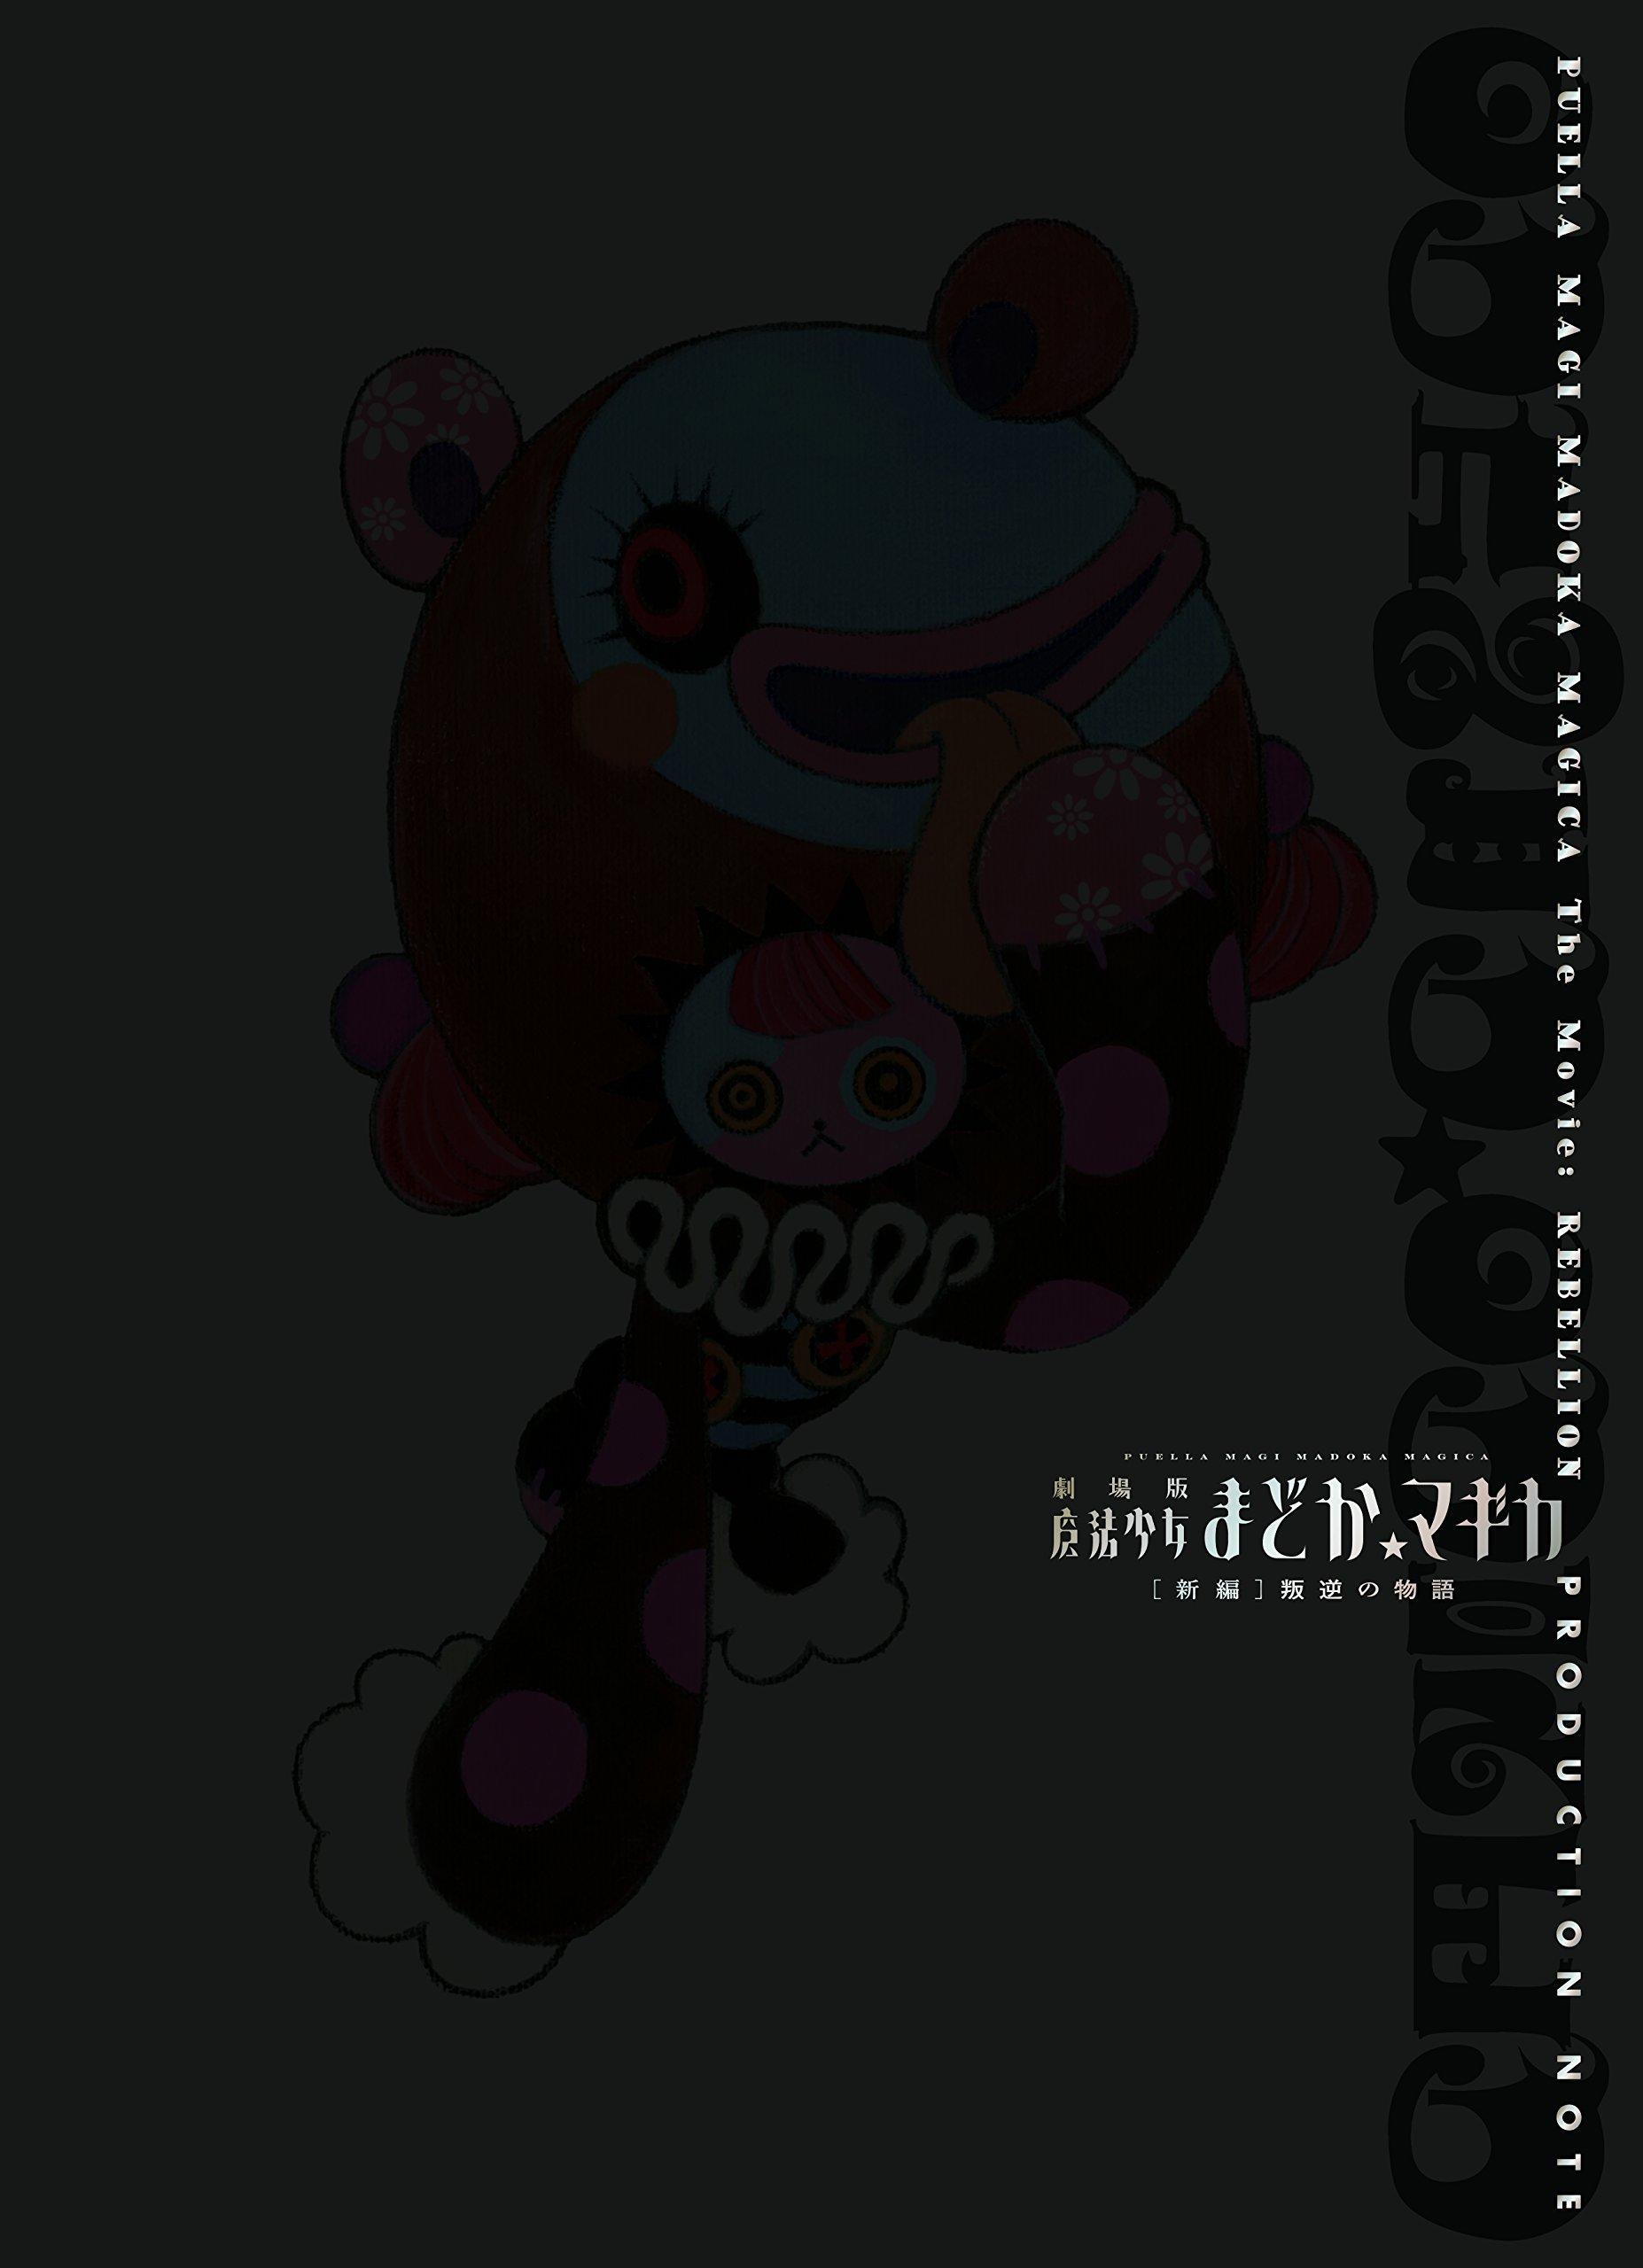 劇場版魔法少女まどか☆マギカ[新編]叛逆の物語 PRODUCTION NOTE